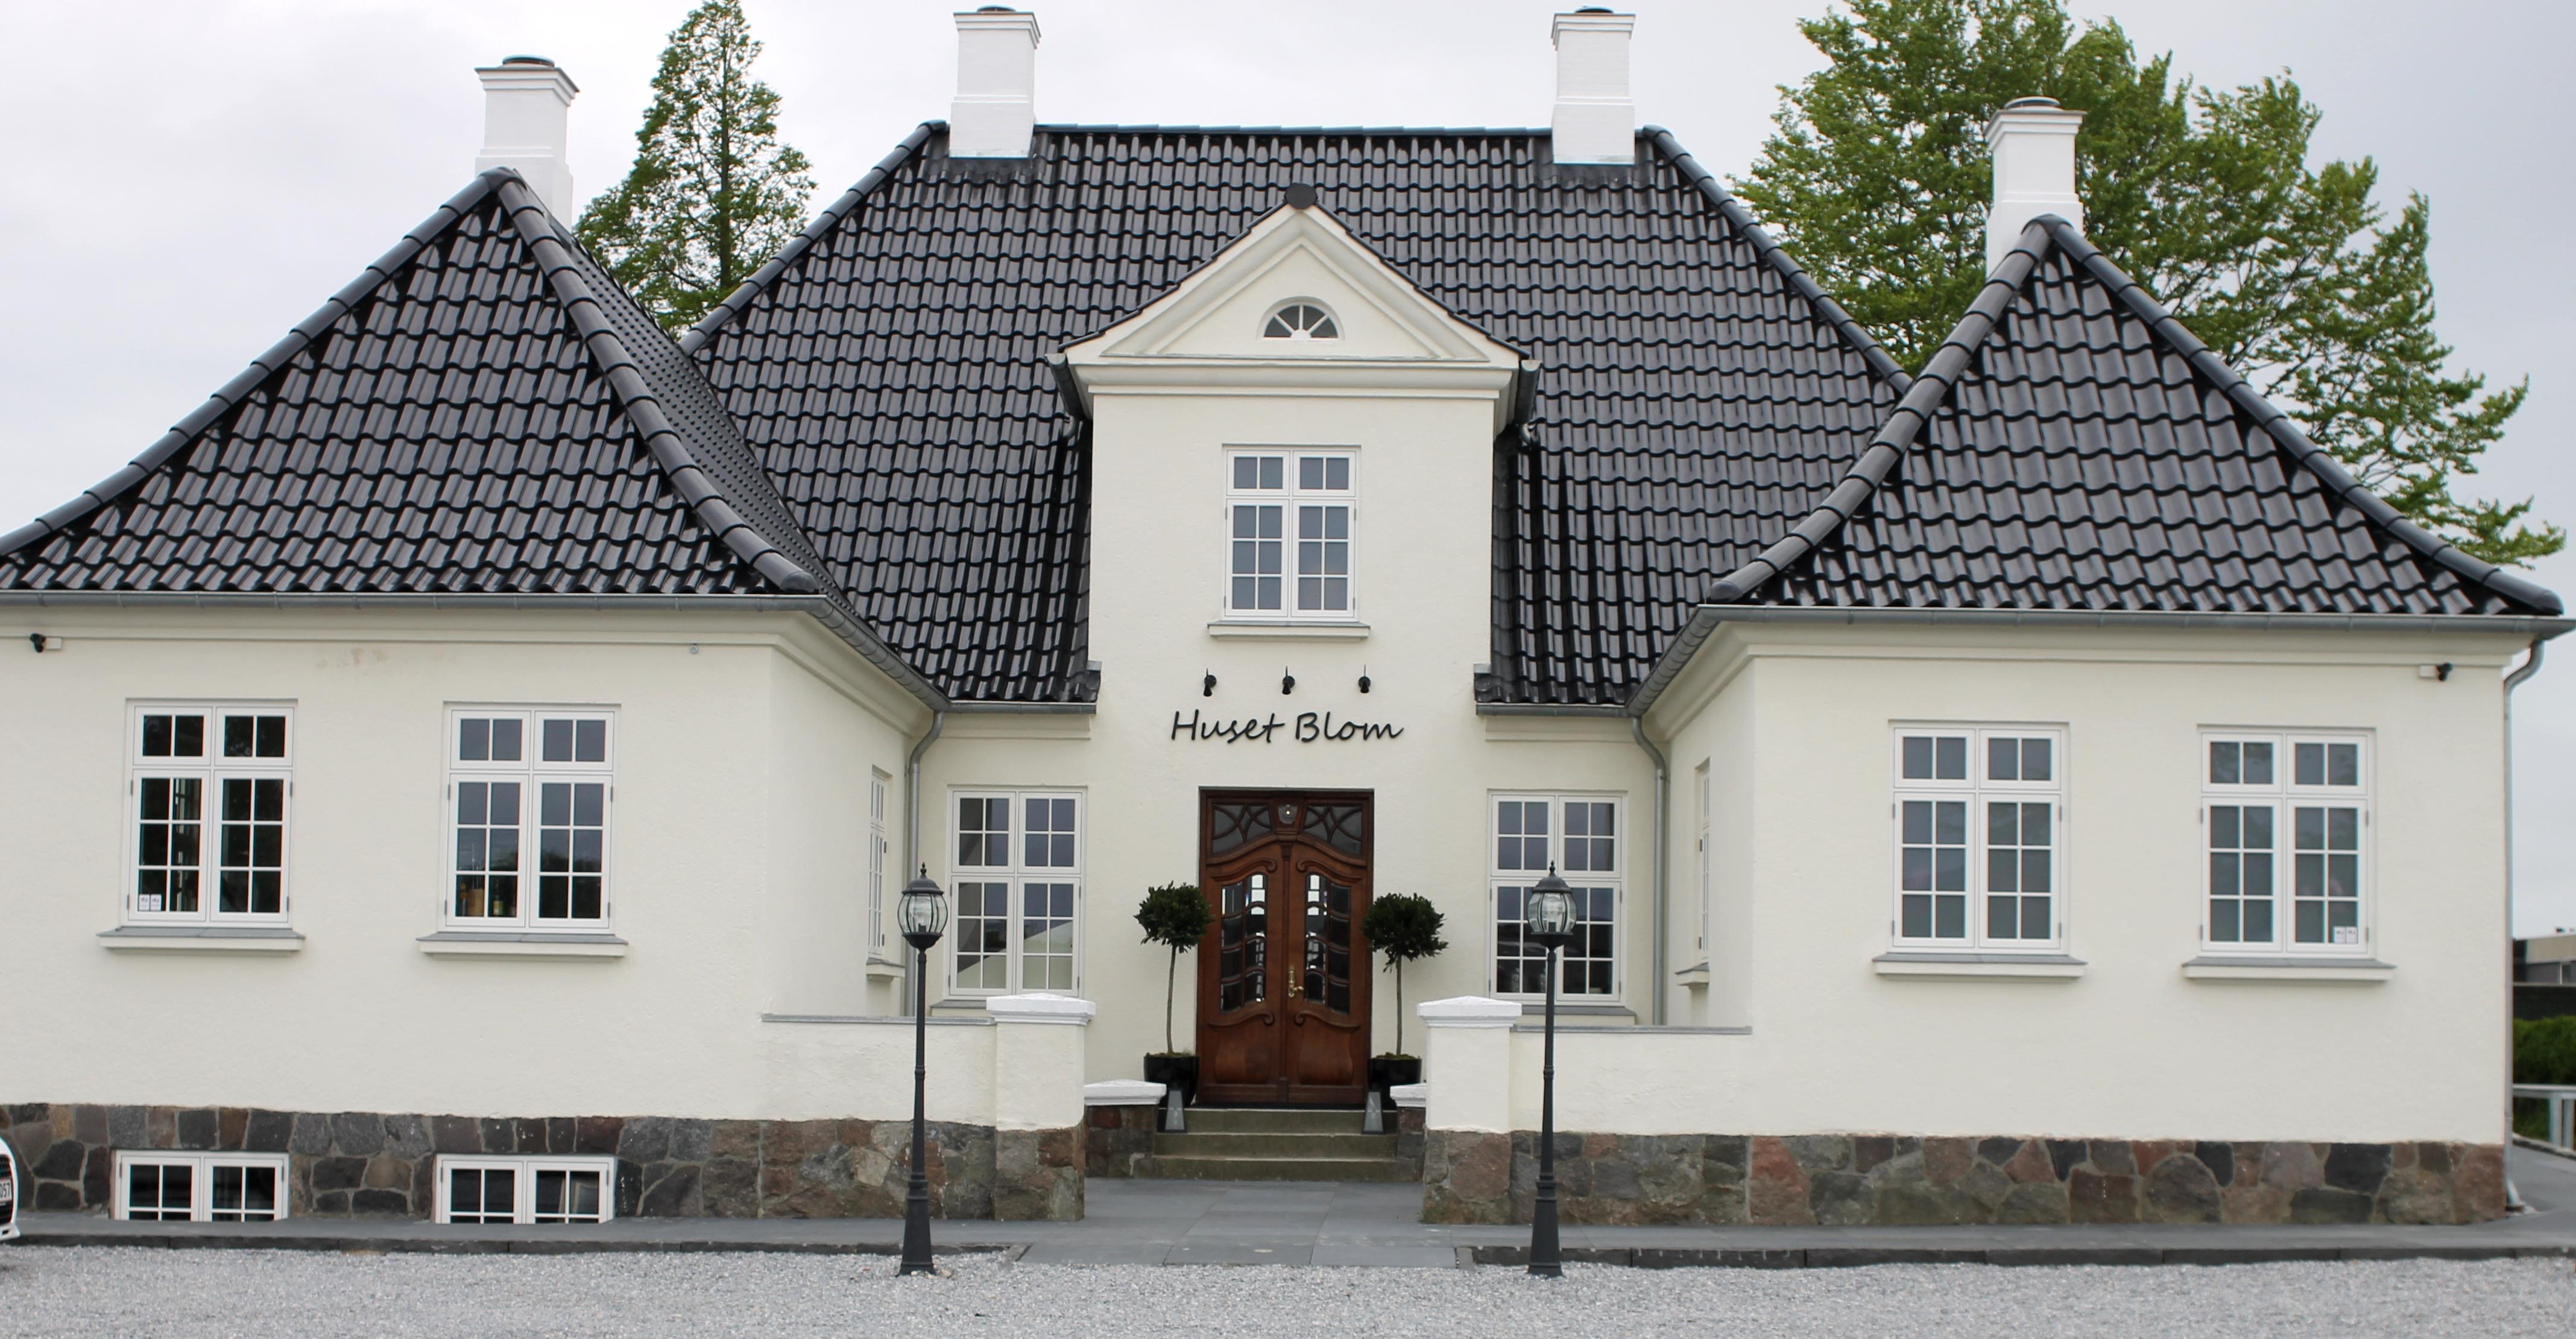 huset blom sønderborg